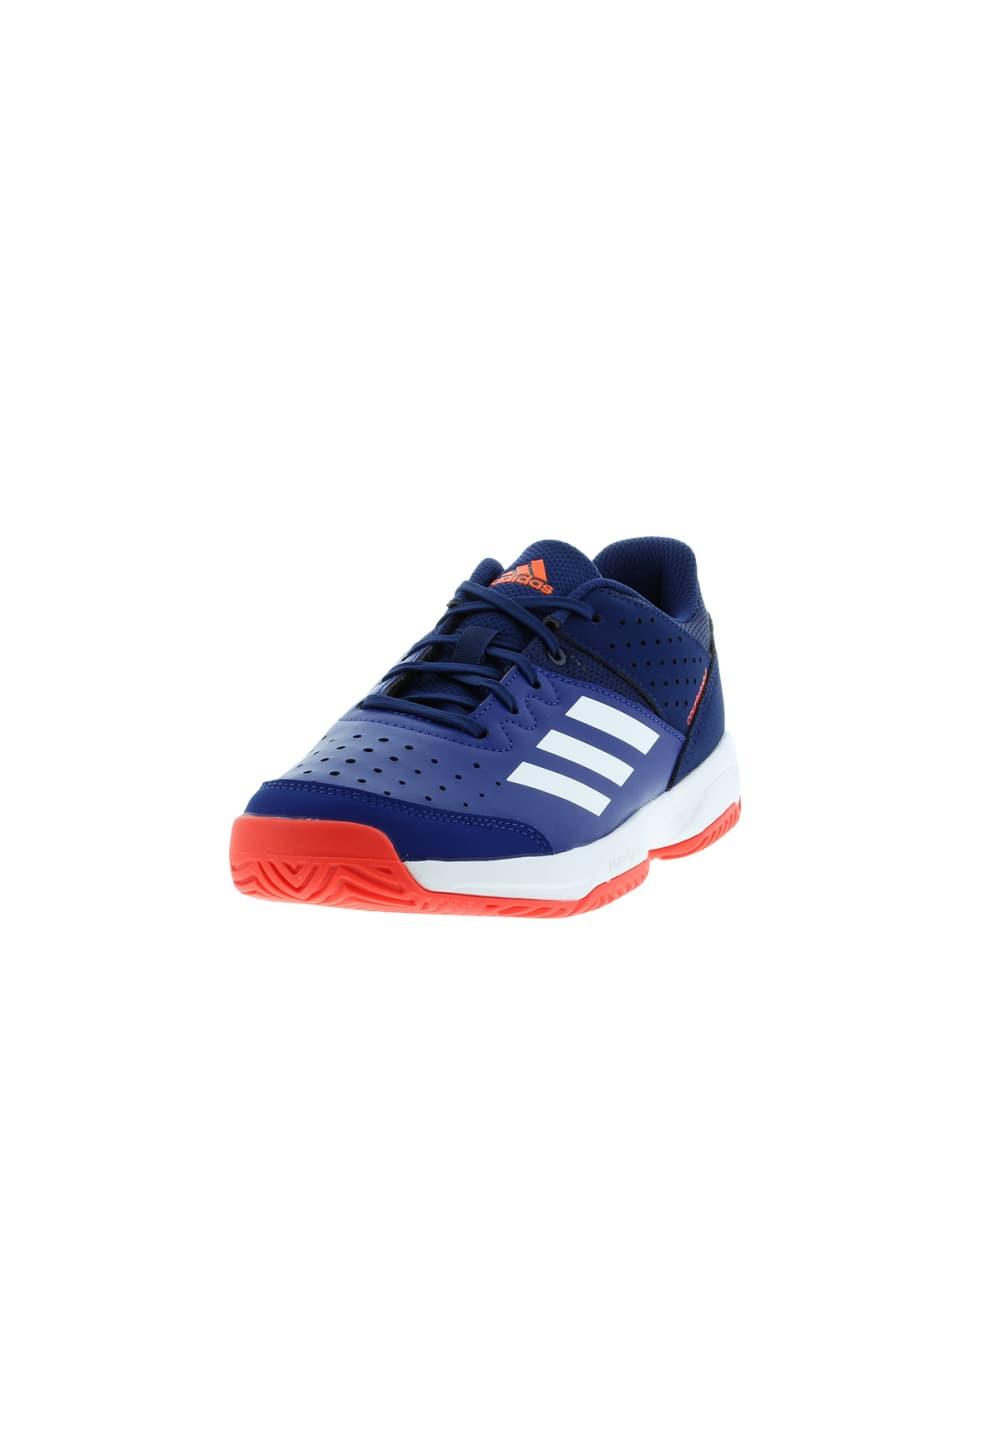 Stabil Handball Jr Court Bleu Chaussures Adidas 3TK1JclF